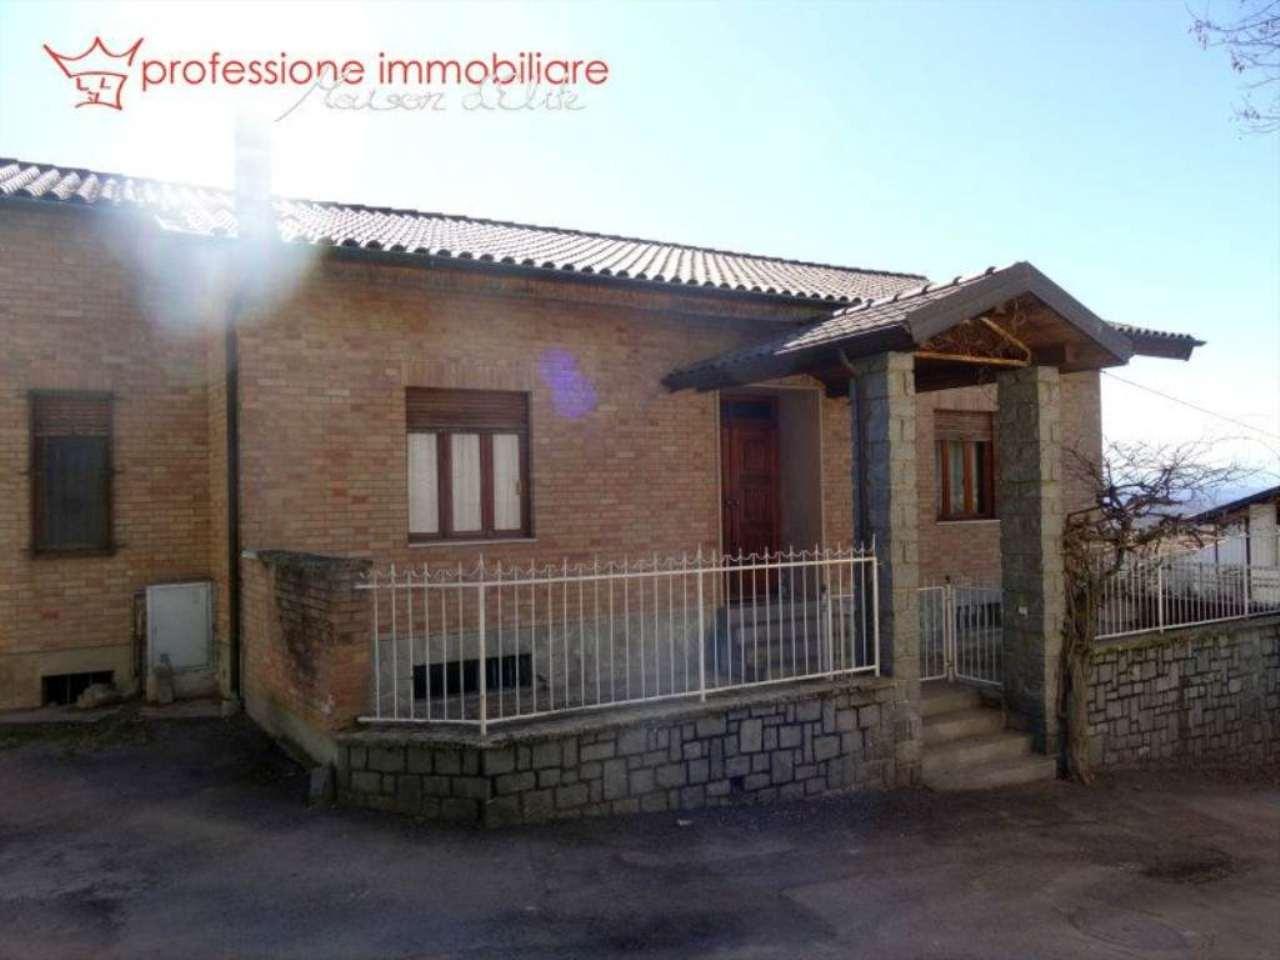 Soluzione Indipendente in vendita a Montalenghe, 5 locali, prezzo € 149.000 | CambioCasa.it